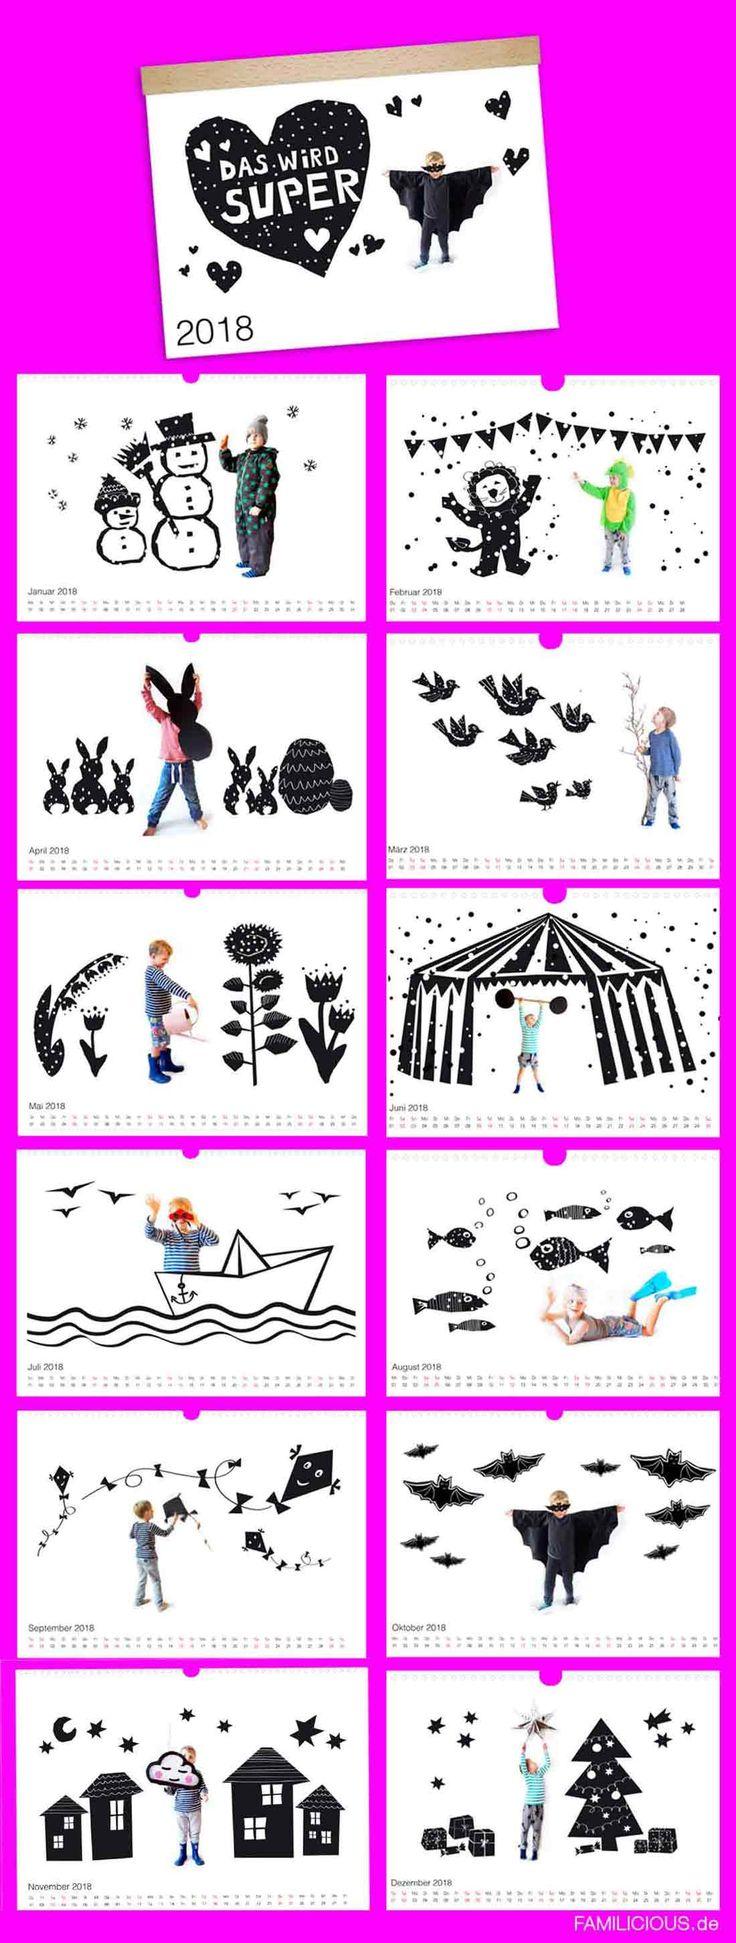 DIY: persönlicher Fotokalender als Geschenk zu Weihnachten machen: tolle Ideen für Kinder Bilder als Geschenk für Oma & Opa. Unsere 13 liebevoll illustrieren Grafiken als Vorlage nutzen – © FAMILICIOUS.de